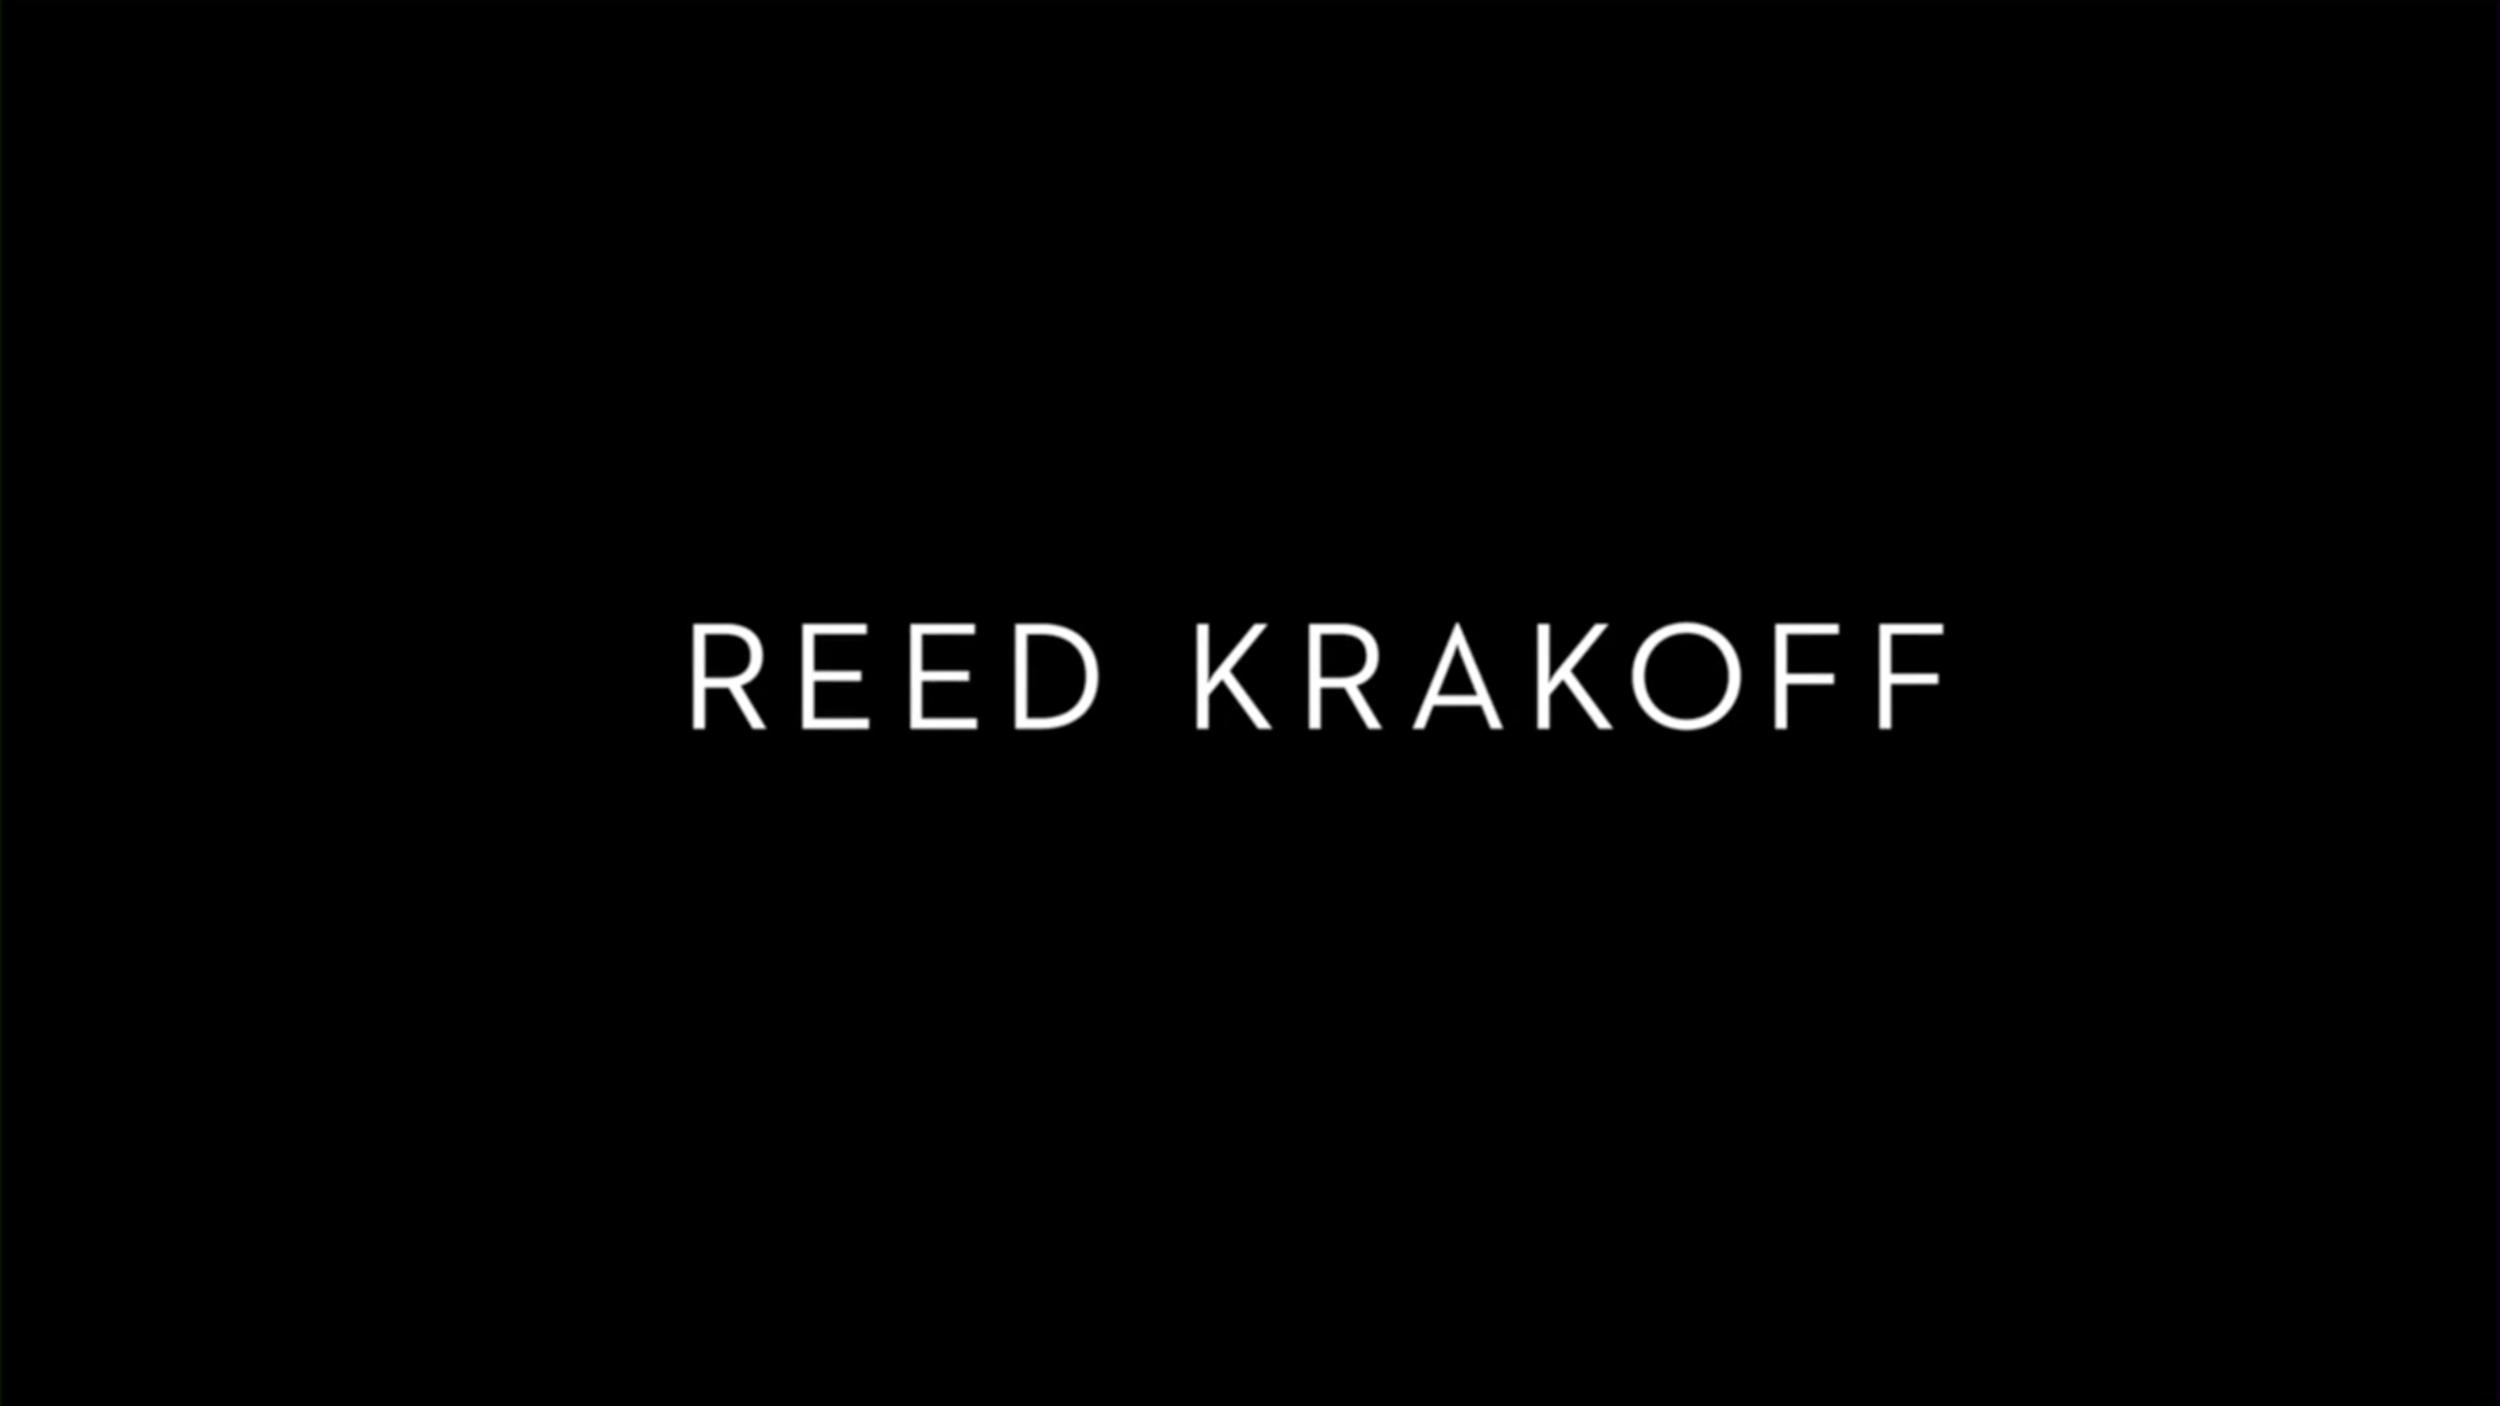 REED KRAKOFF | ROBERT HAMADA | AYMELINE VALADE |